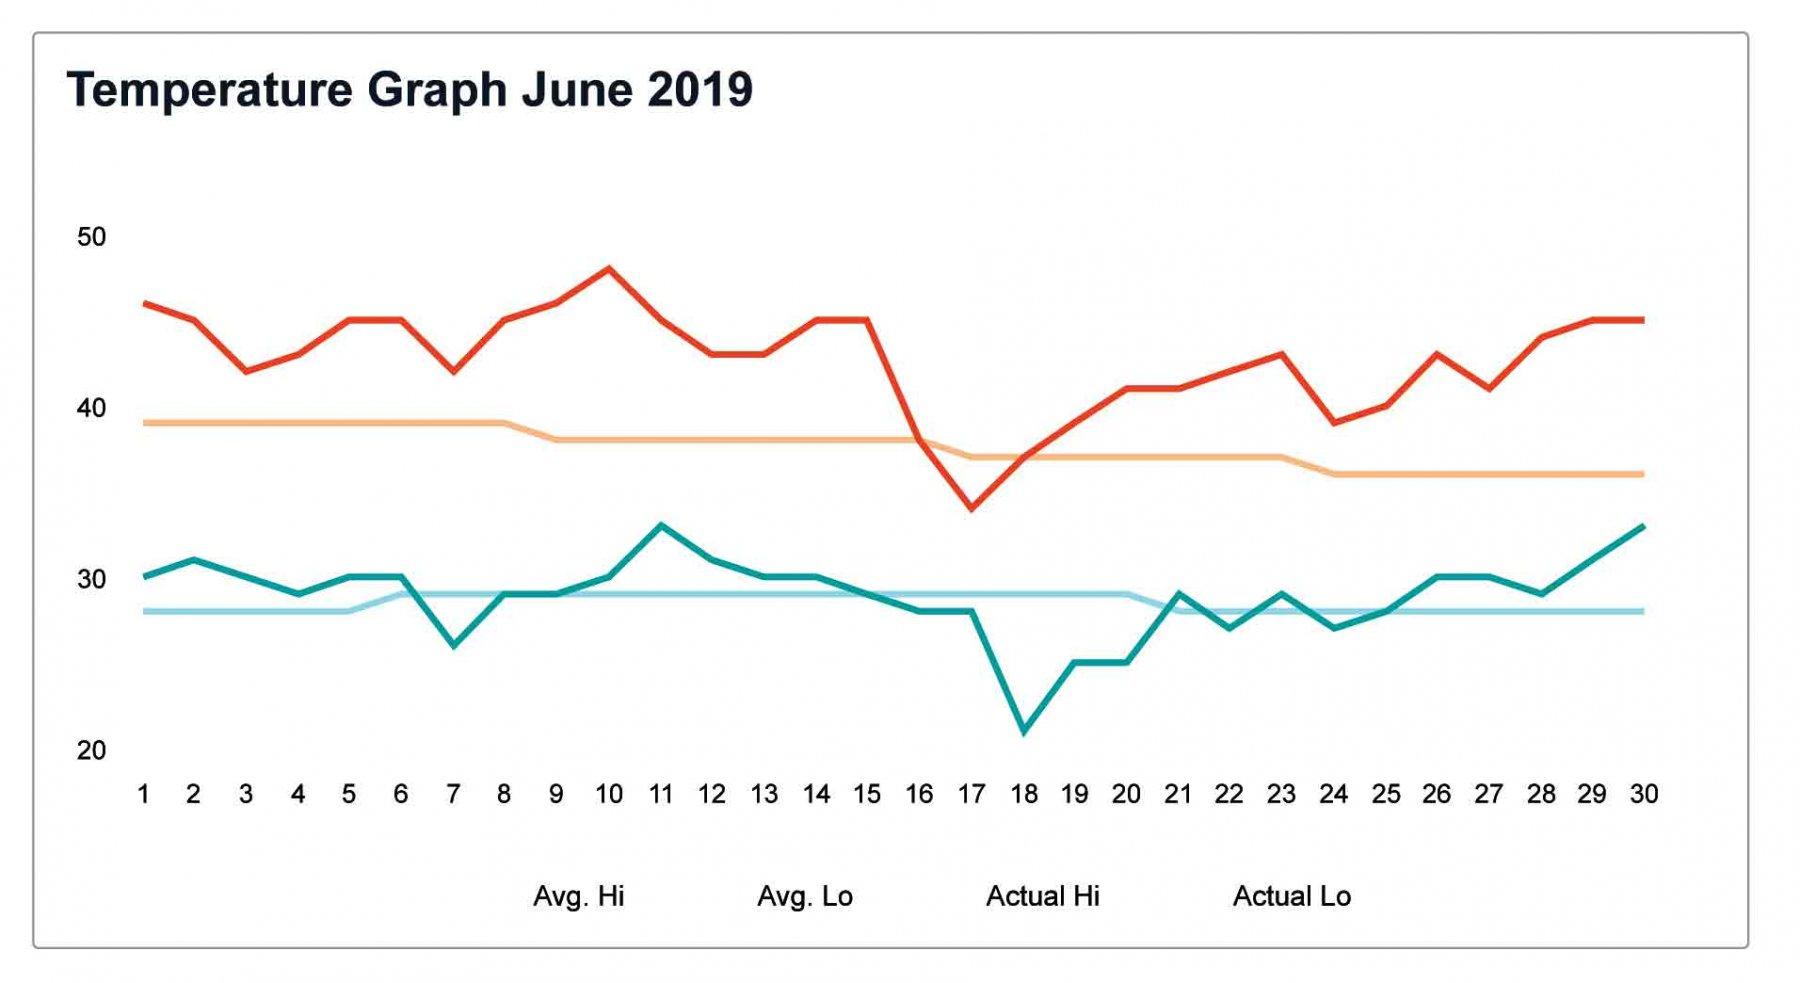 Temperature-Graph-June-2019.jpg